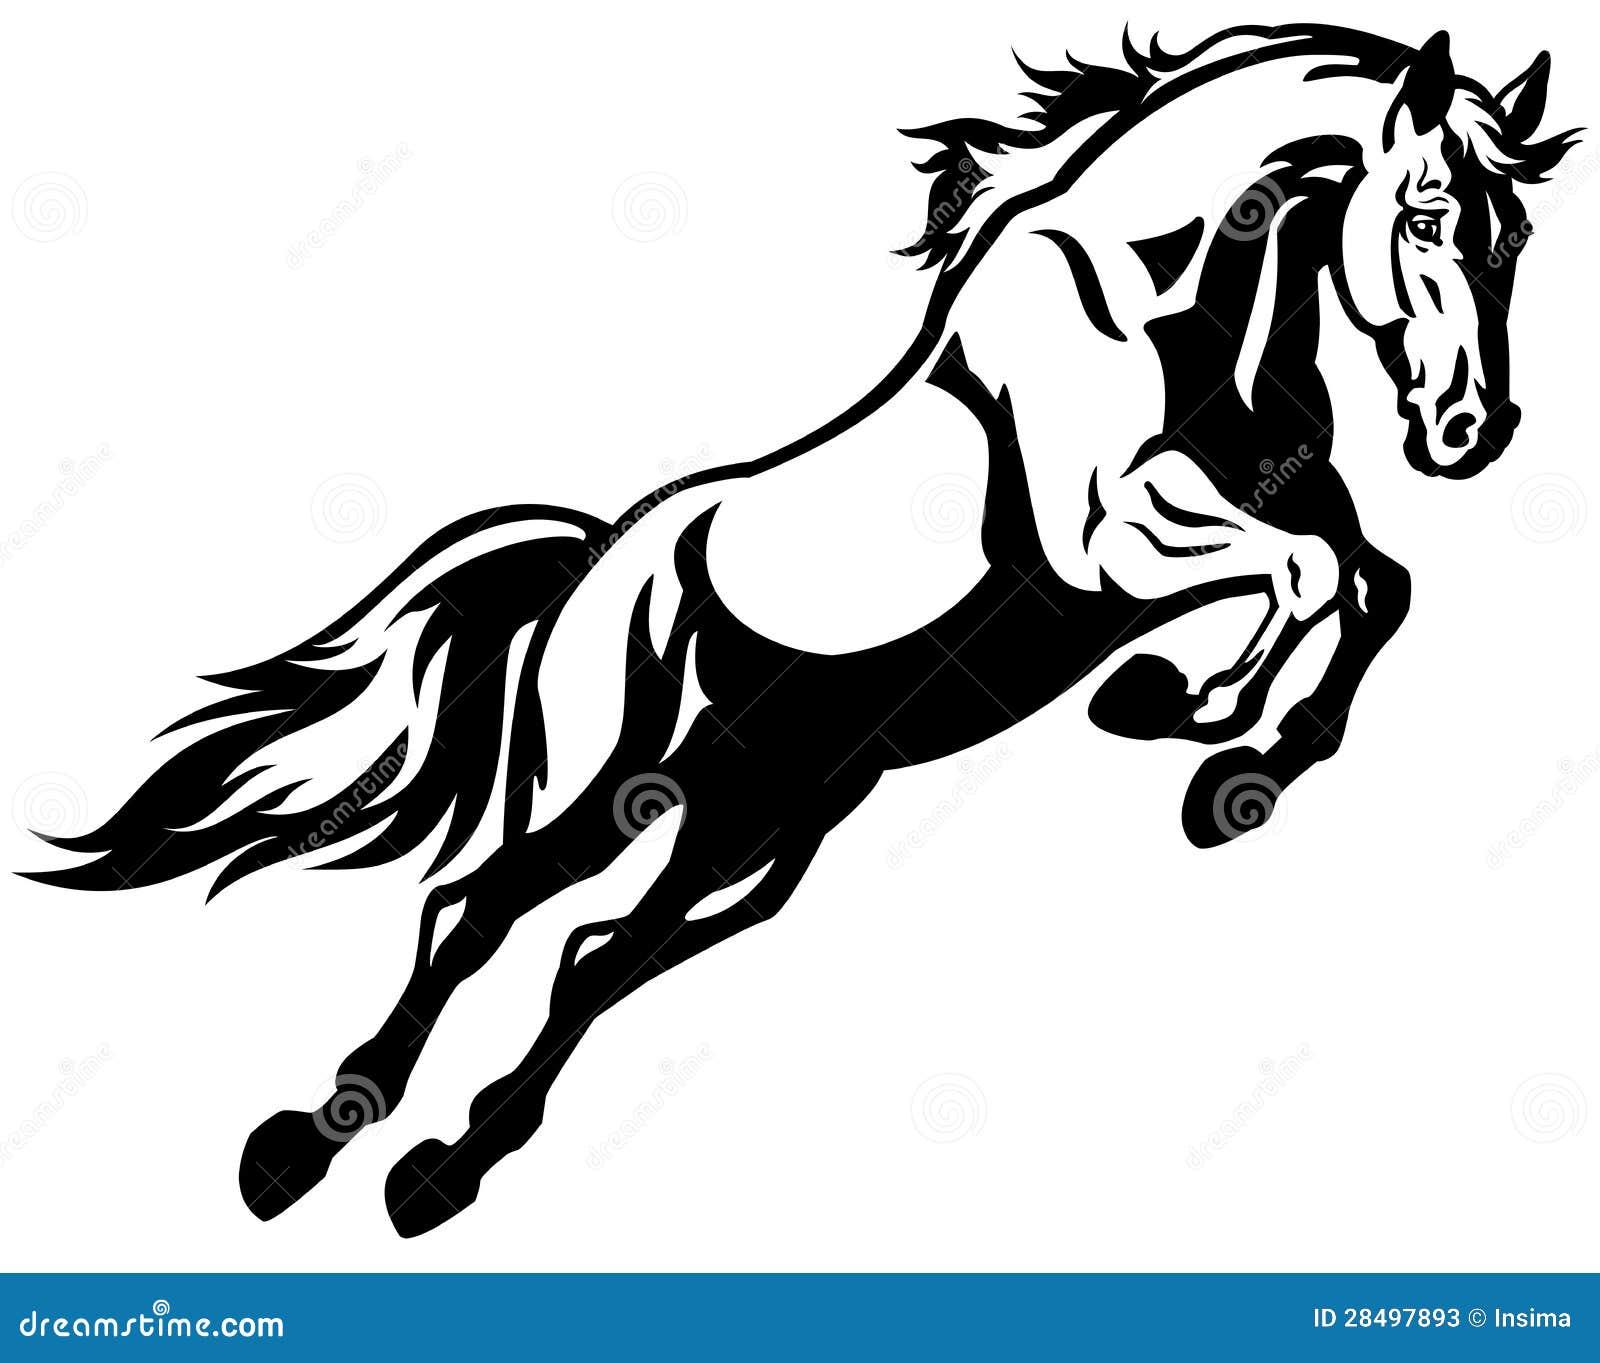 Kleurplaten Paradijs Paarden Kleurplaat Paardenhoofd Malvorlagen Lillifee Pferd Zum